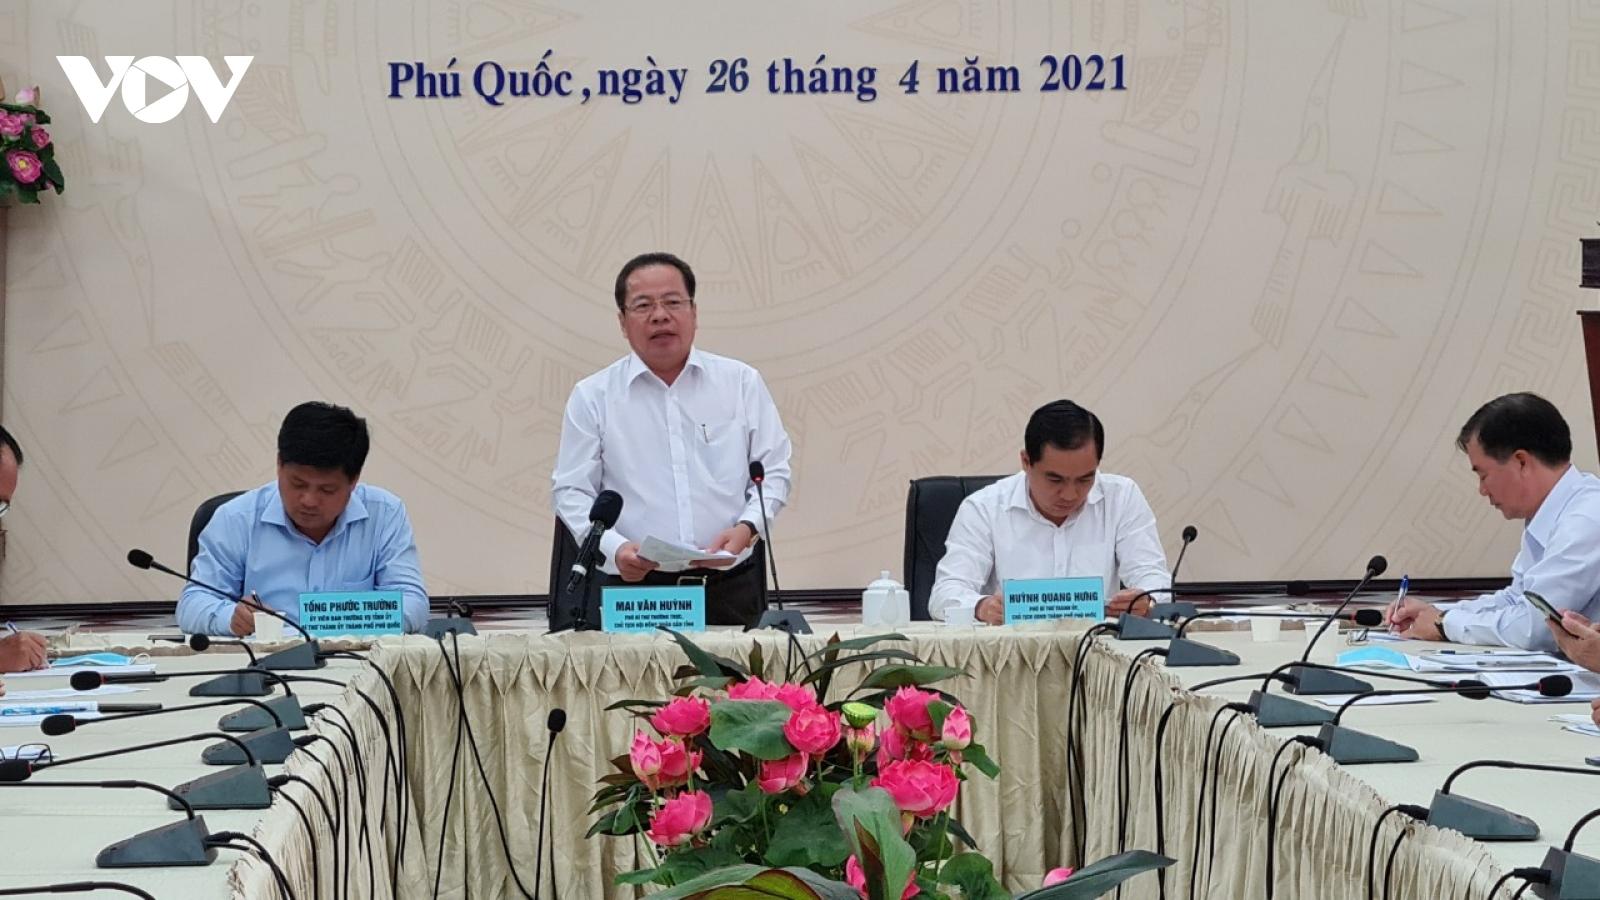 Campuchia dỡ bỏ lệnh phong toả, Kiên Gianghọp khẩn cấp phòng chống COVID-19